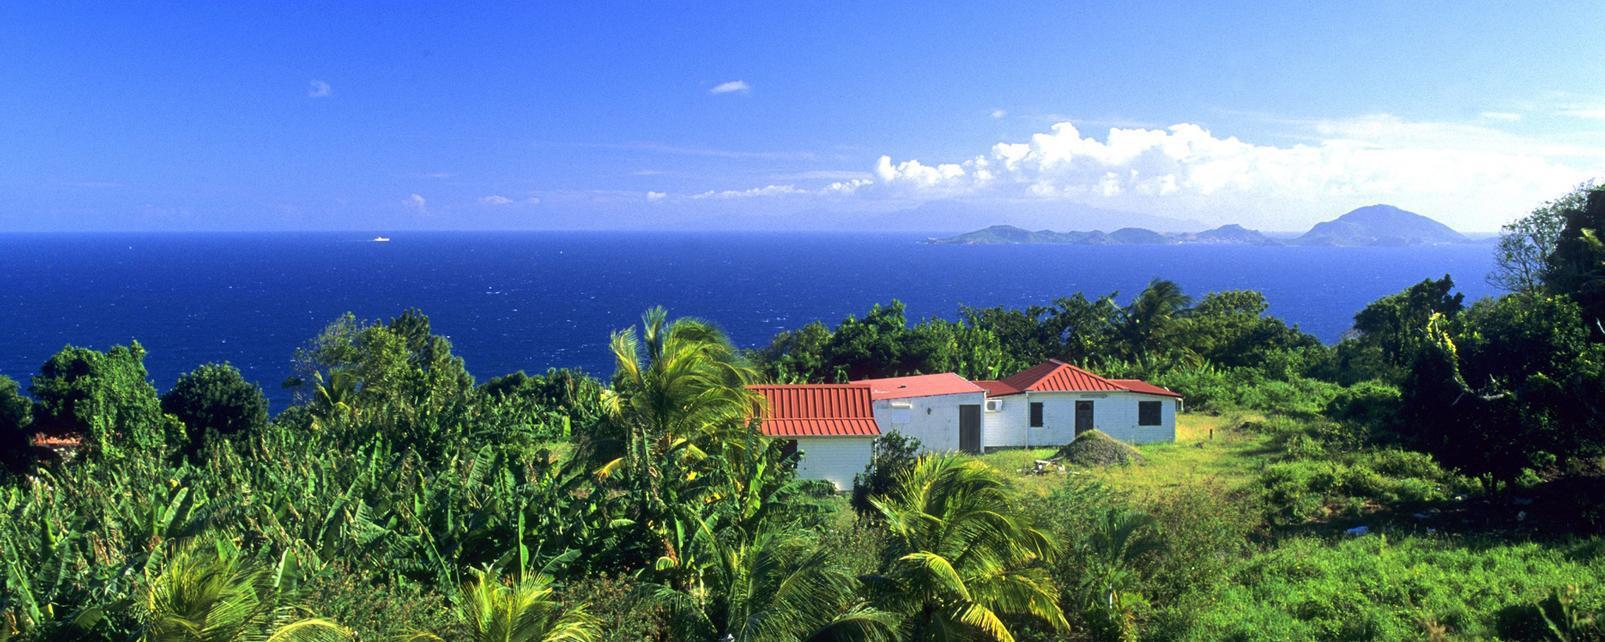 Caraïbes; Caraibes; Guadeloupe; Trois Rivieres; Trois Rivières;